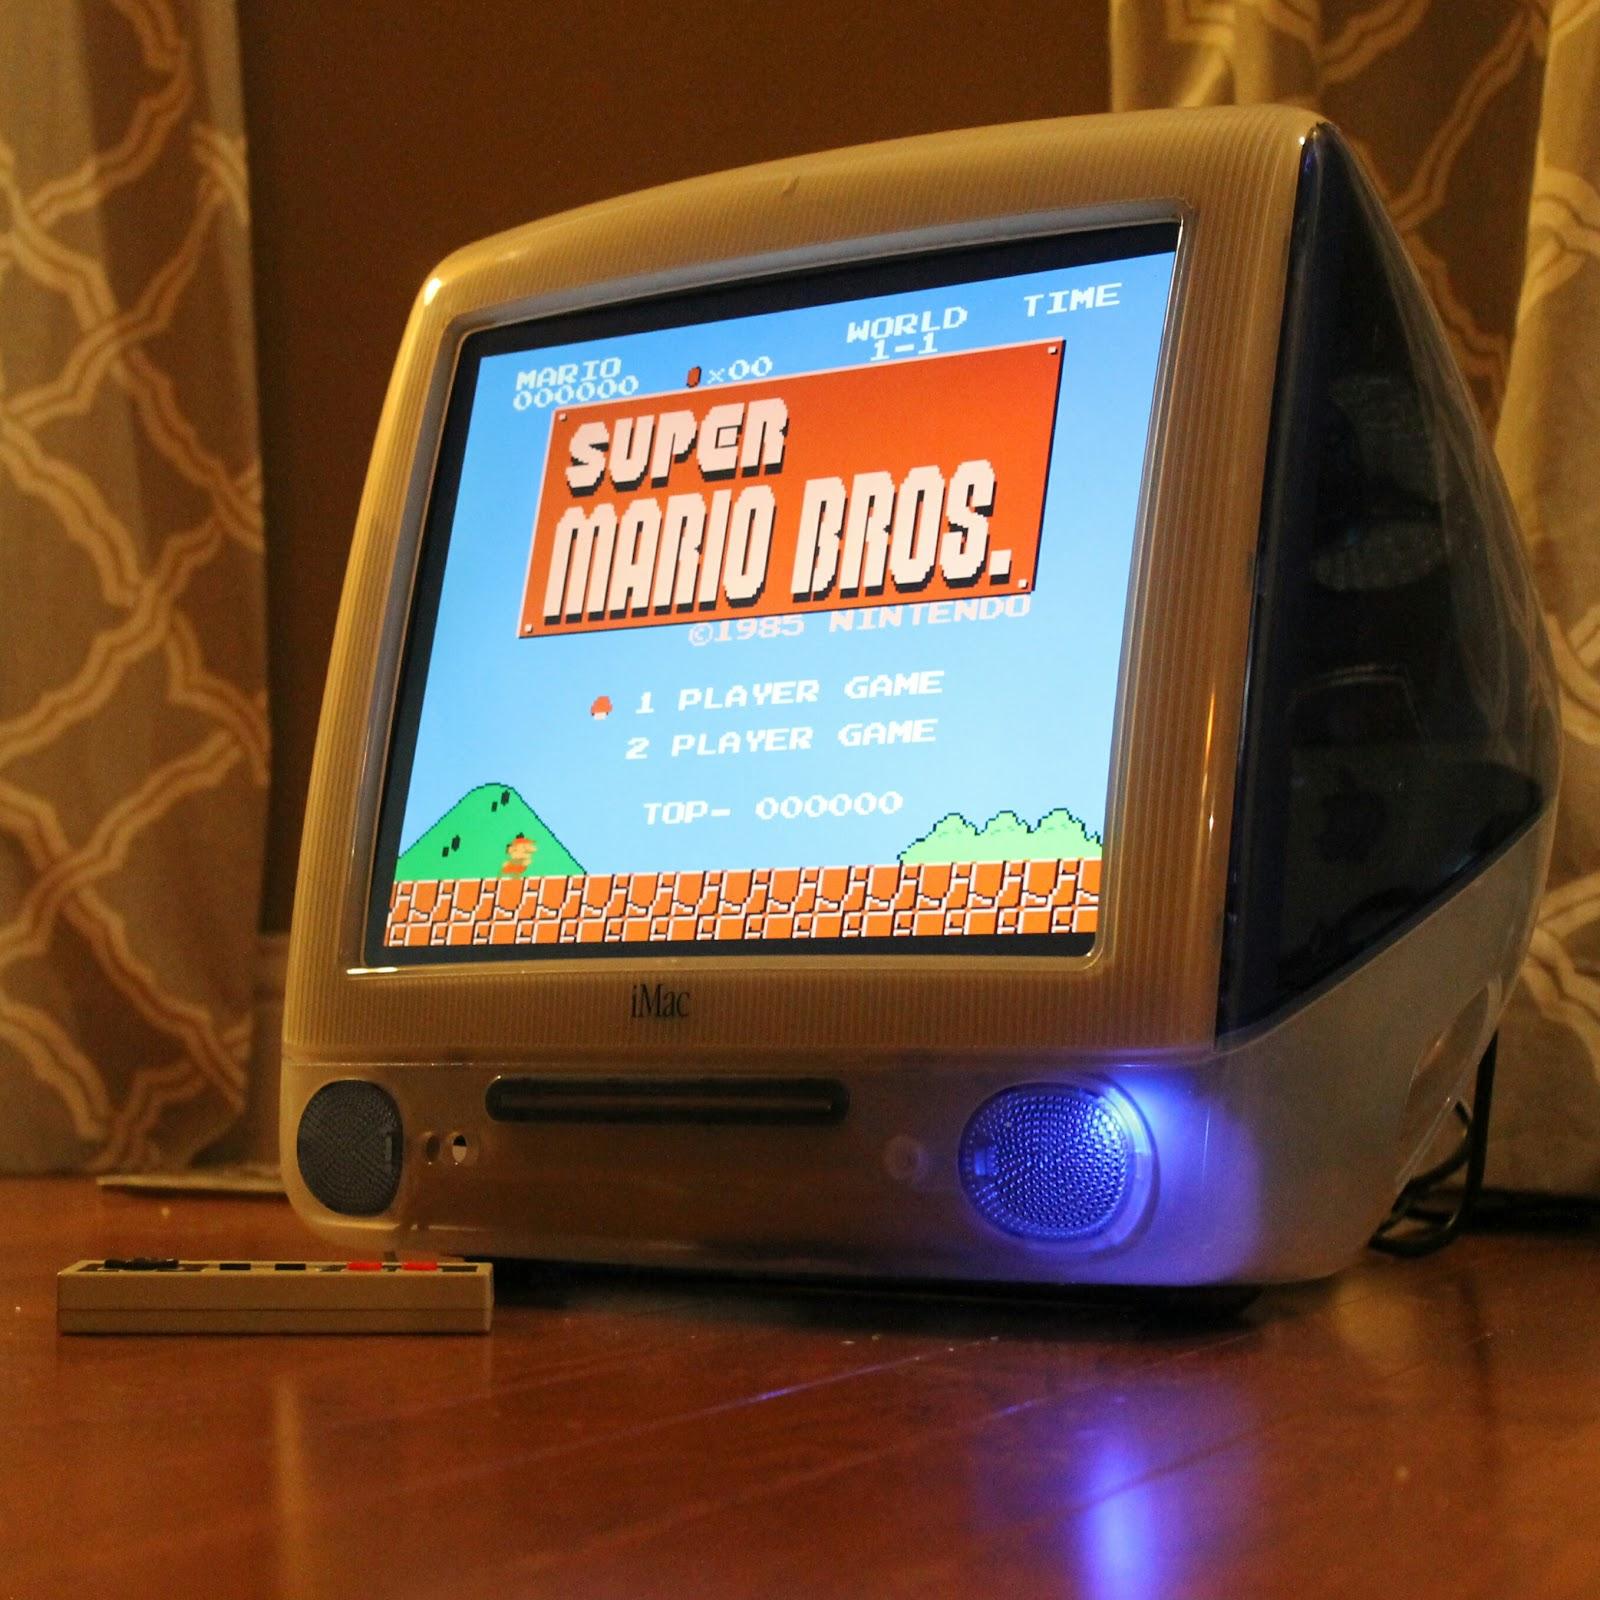 Imac G3 Retropie Mod Part 2 Retropie Arcade